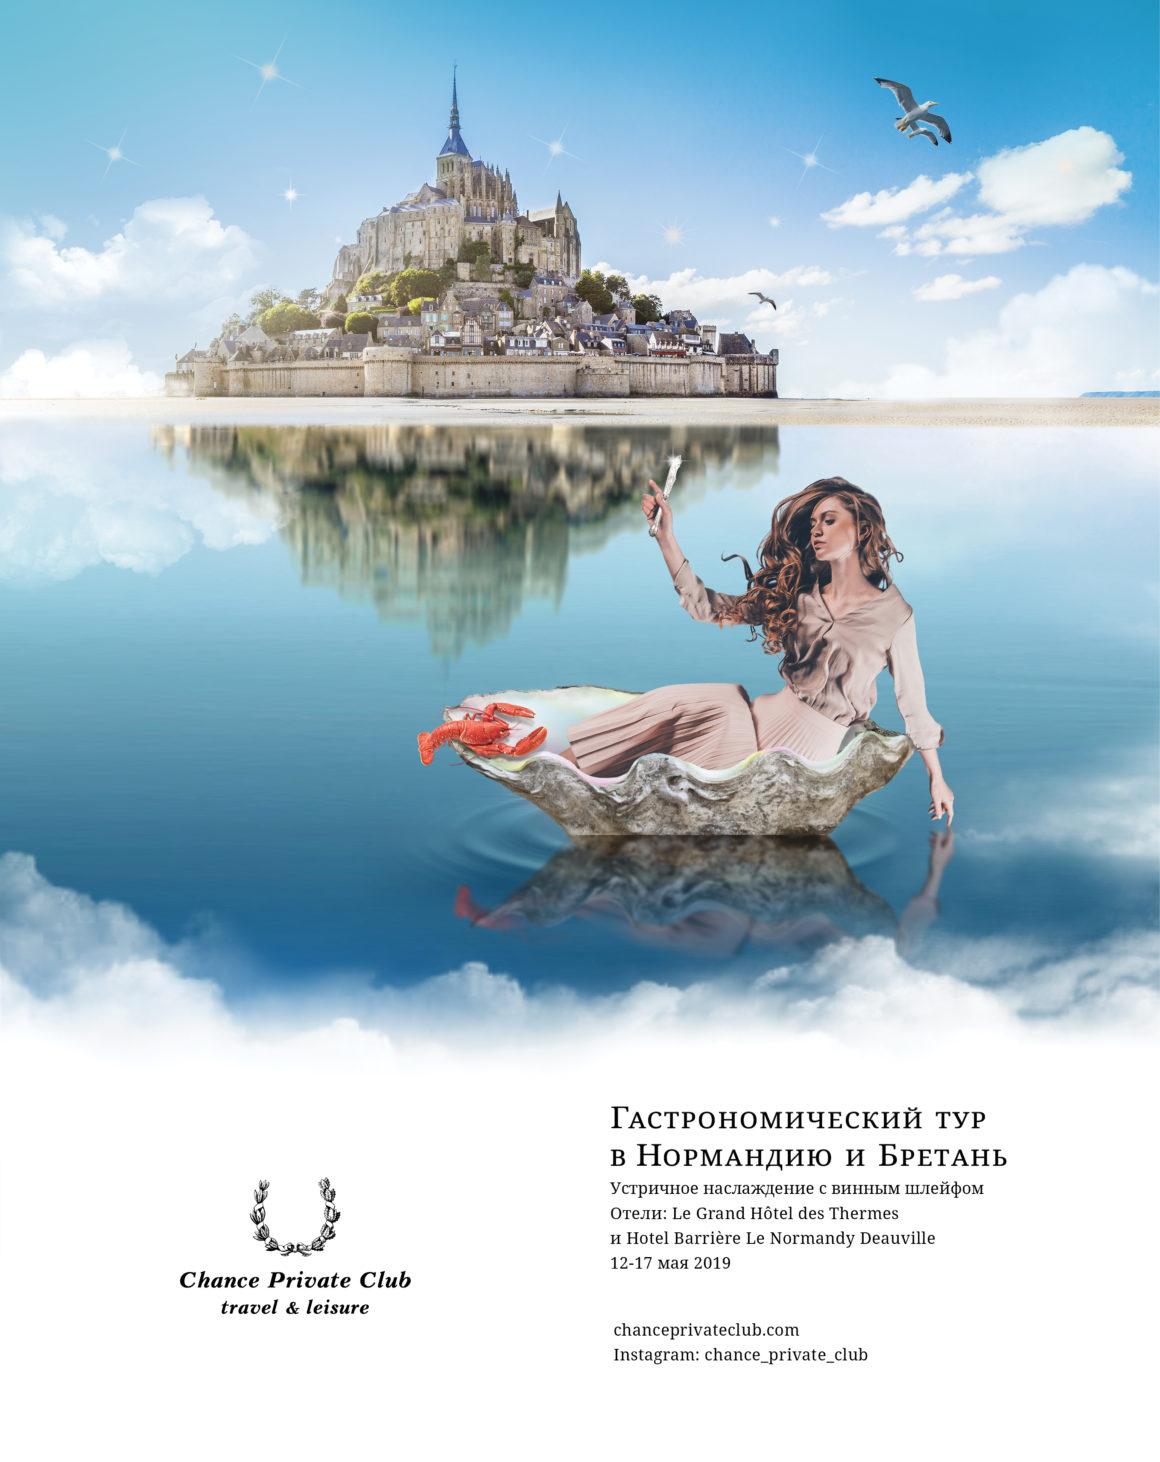 постер реклама тура